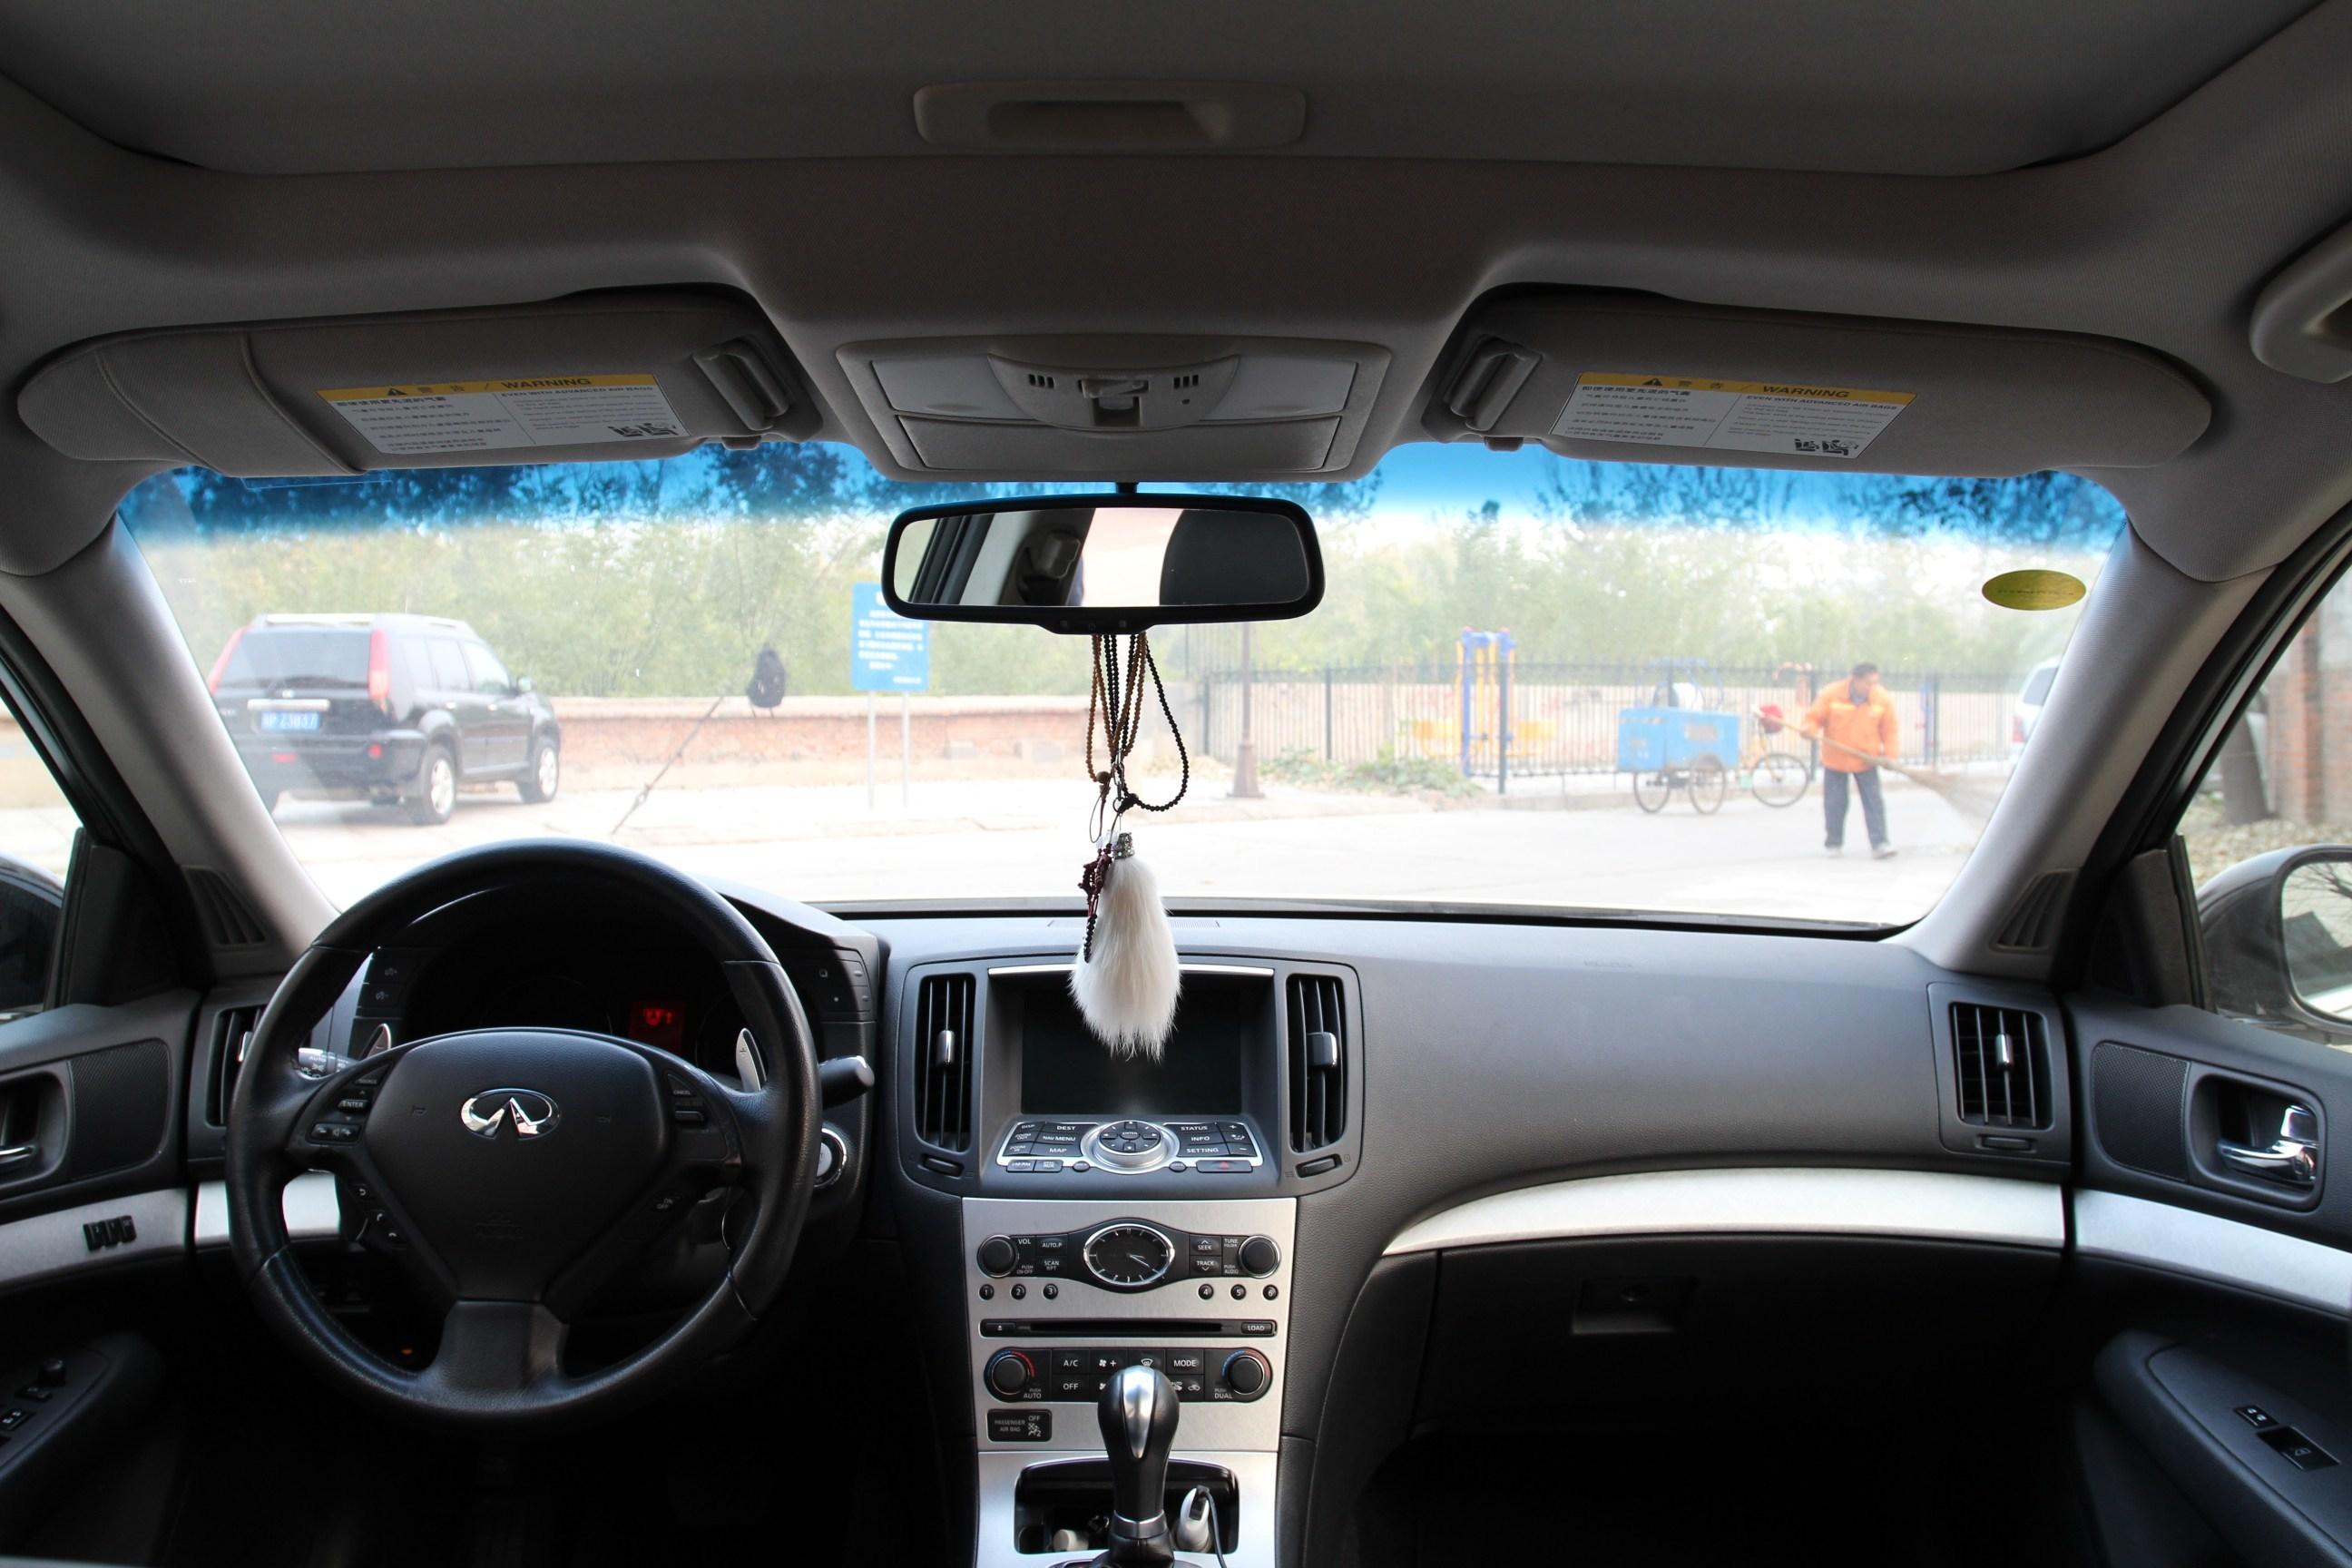 英菲尼迪-g系 2009款 g37 3.7l 自动挡